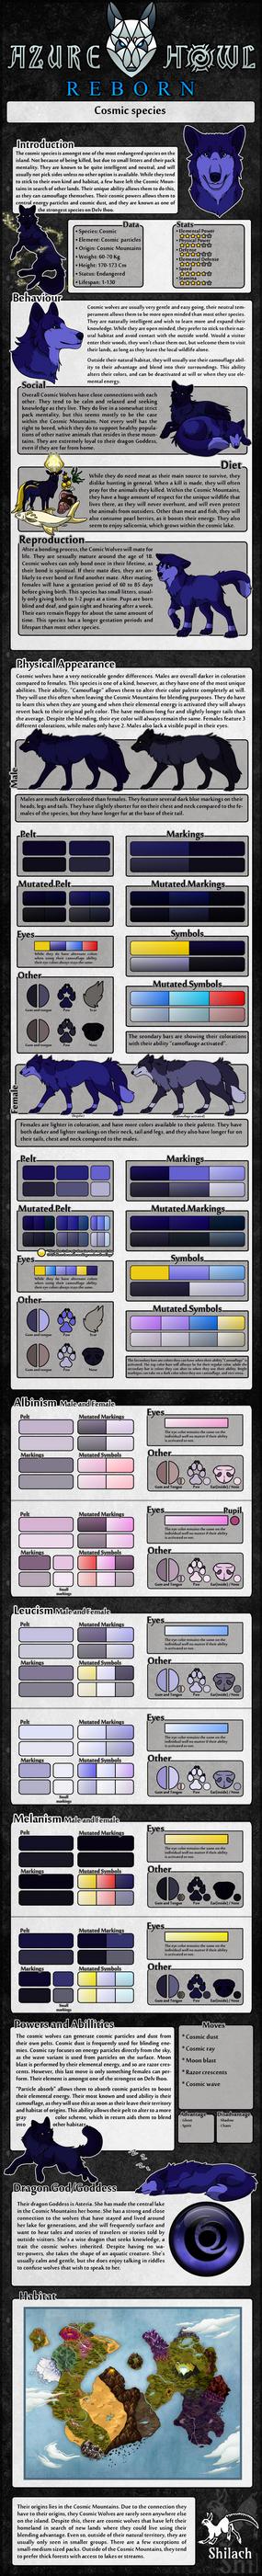 AzureHowl Reborn - Cosmic species